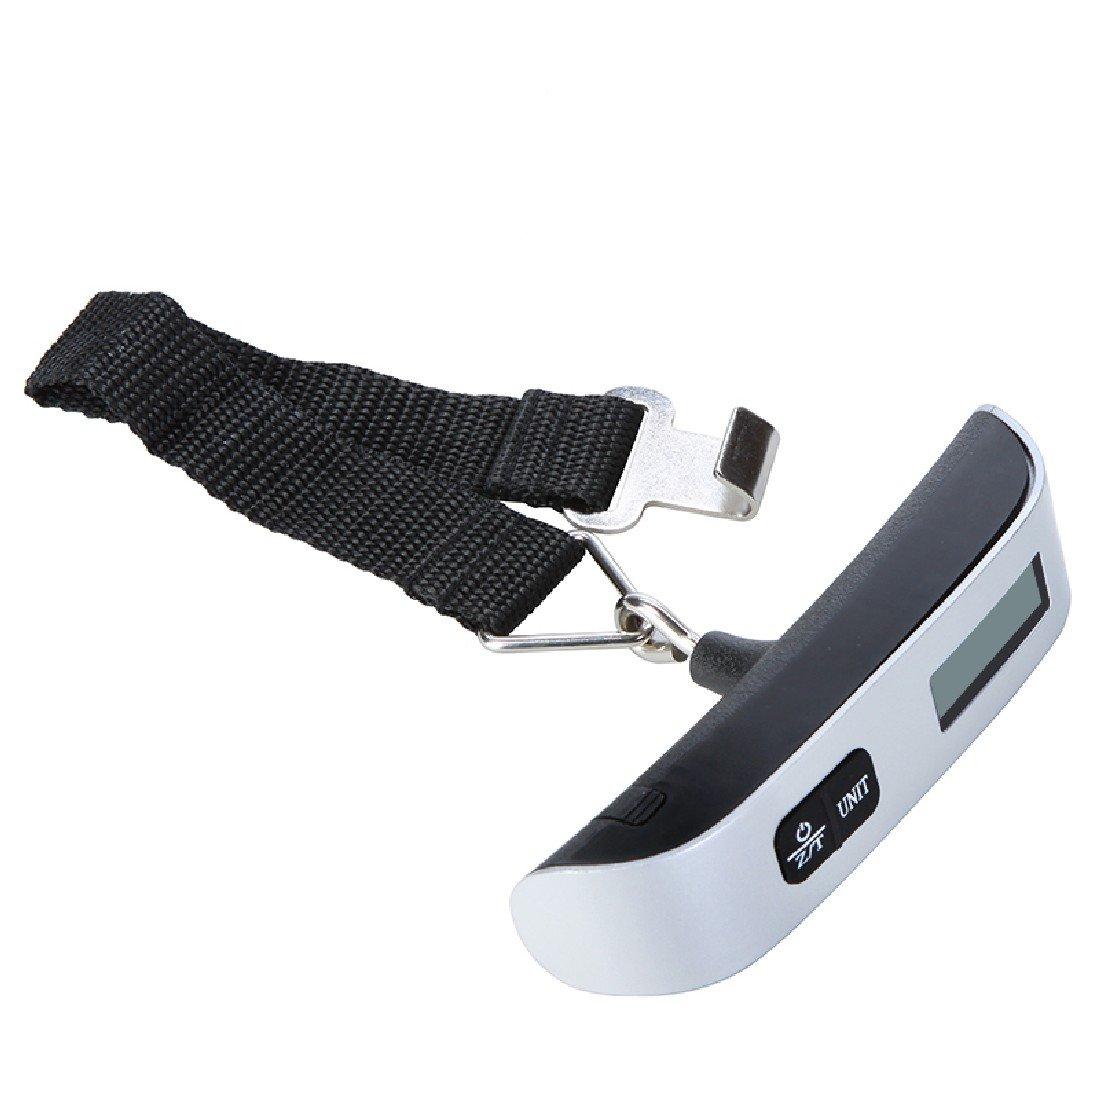 50kg/50g électronique numérique portable bagages Valise Sac de voyage à suspendre Poids balance de bagages multi-usage Luwu-Store TRTA11A